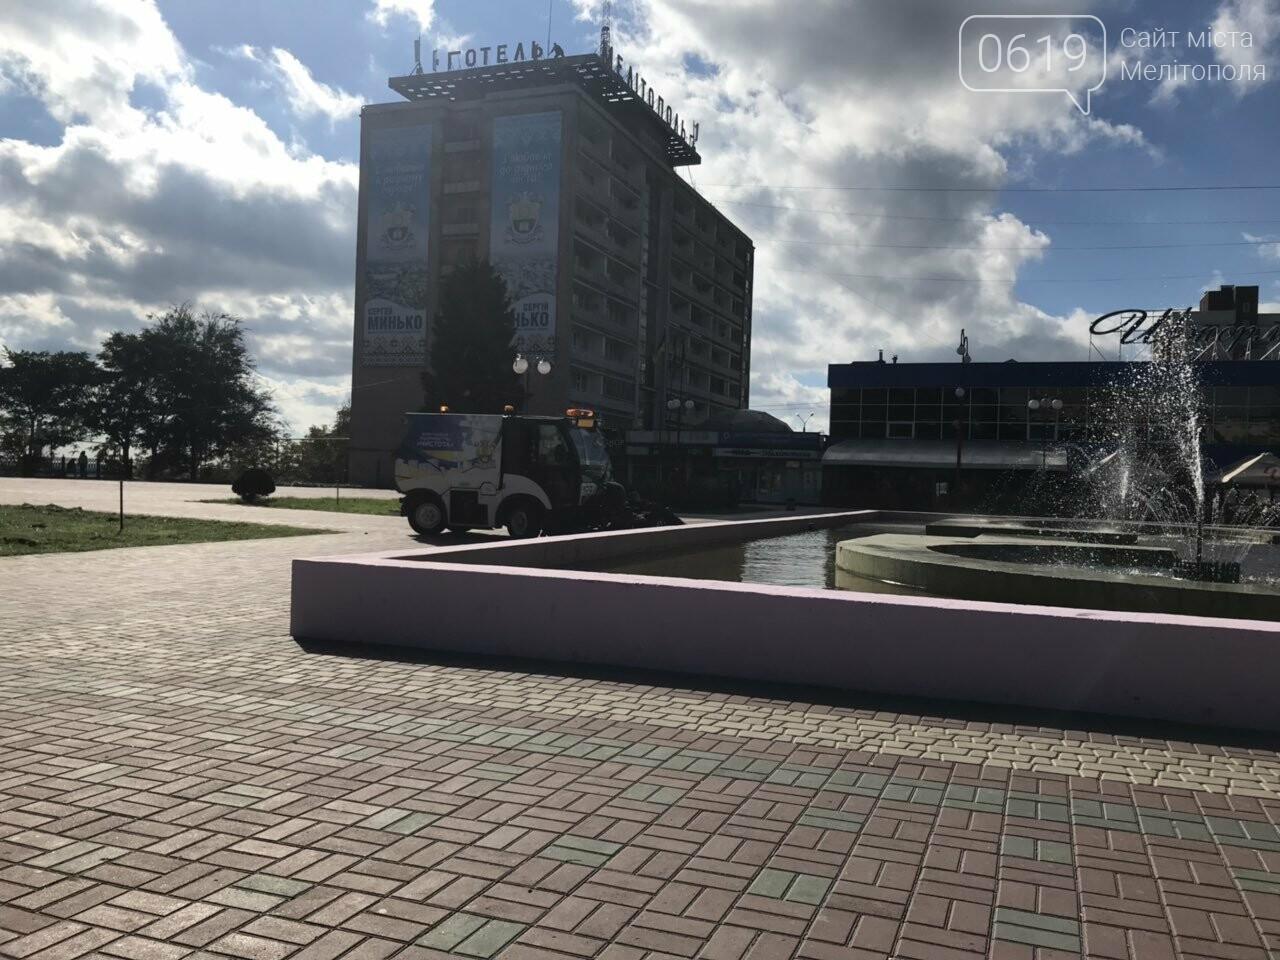 Главную площадь Мелитополя готовят к празднику , фото-2